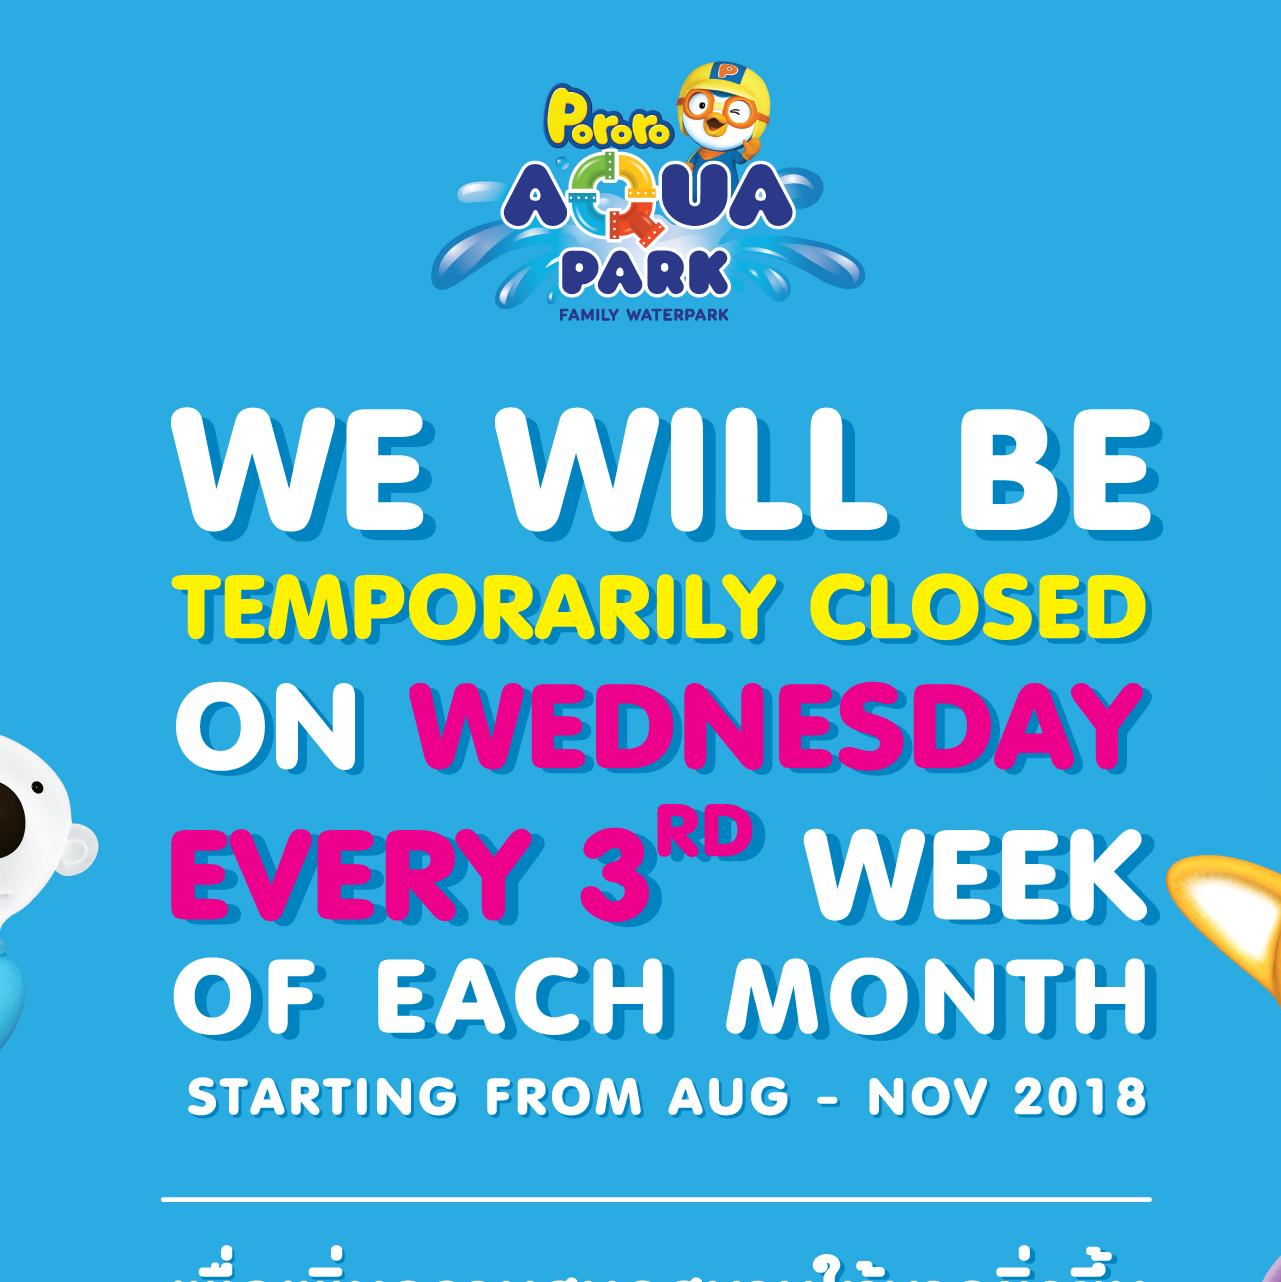 สวนน้ำโพโรโระ อควาพาร์ค กรุงเทพฯ ขอปิดให้บริการในวันพุธ สัปดาห์ที่ 3 ของเดือน | Pororo AquaPark Bangkok